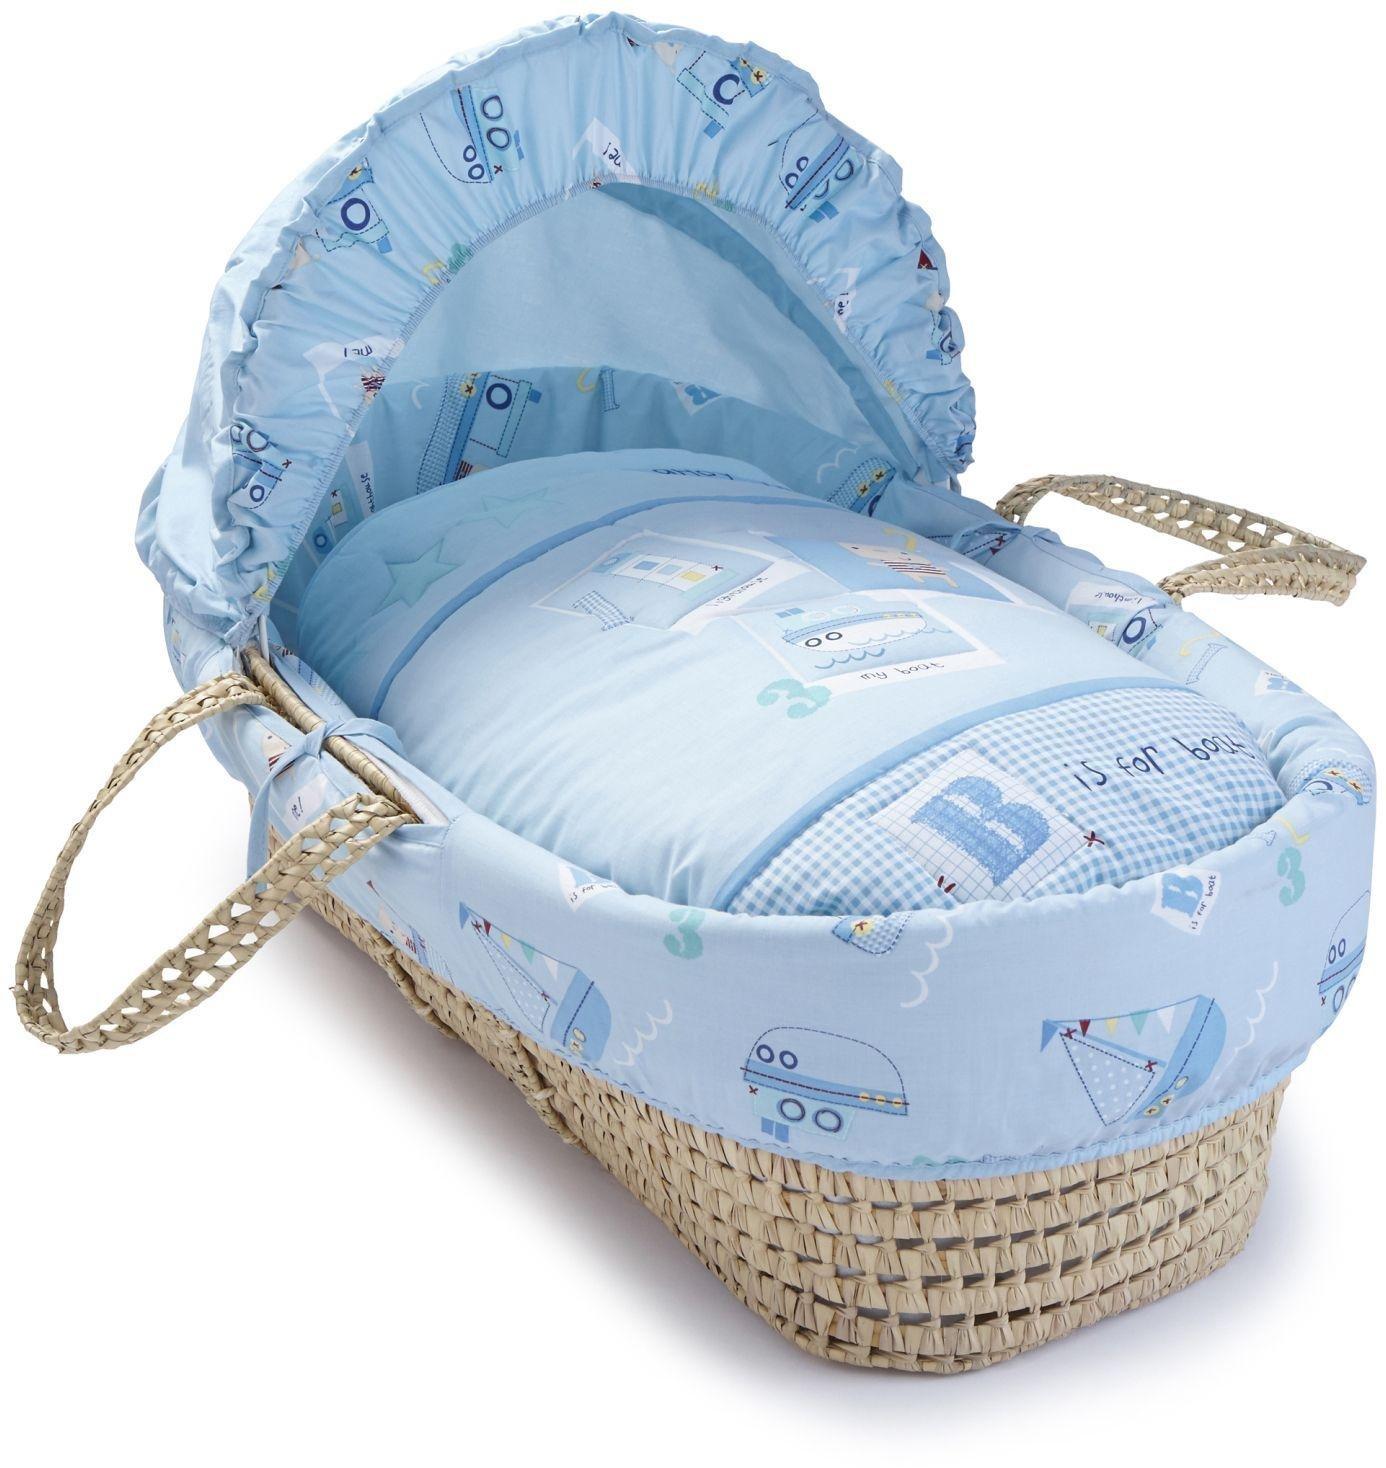 Image of Clair de Lune Ahoy Palm Moses Basket.